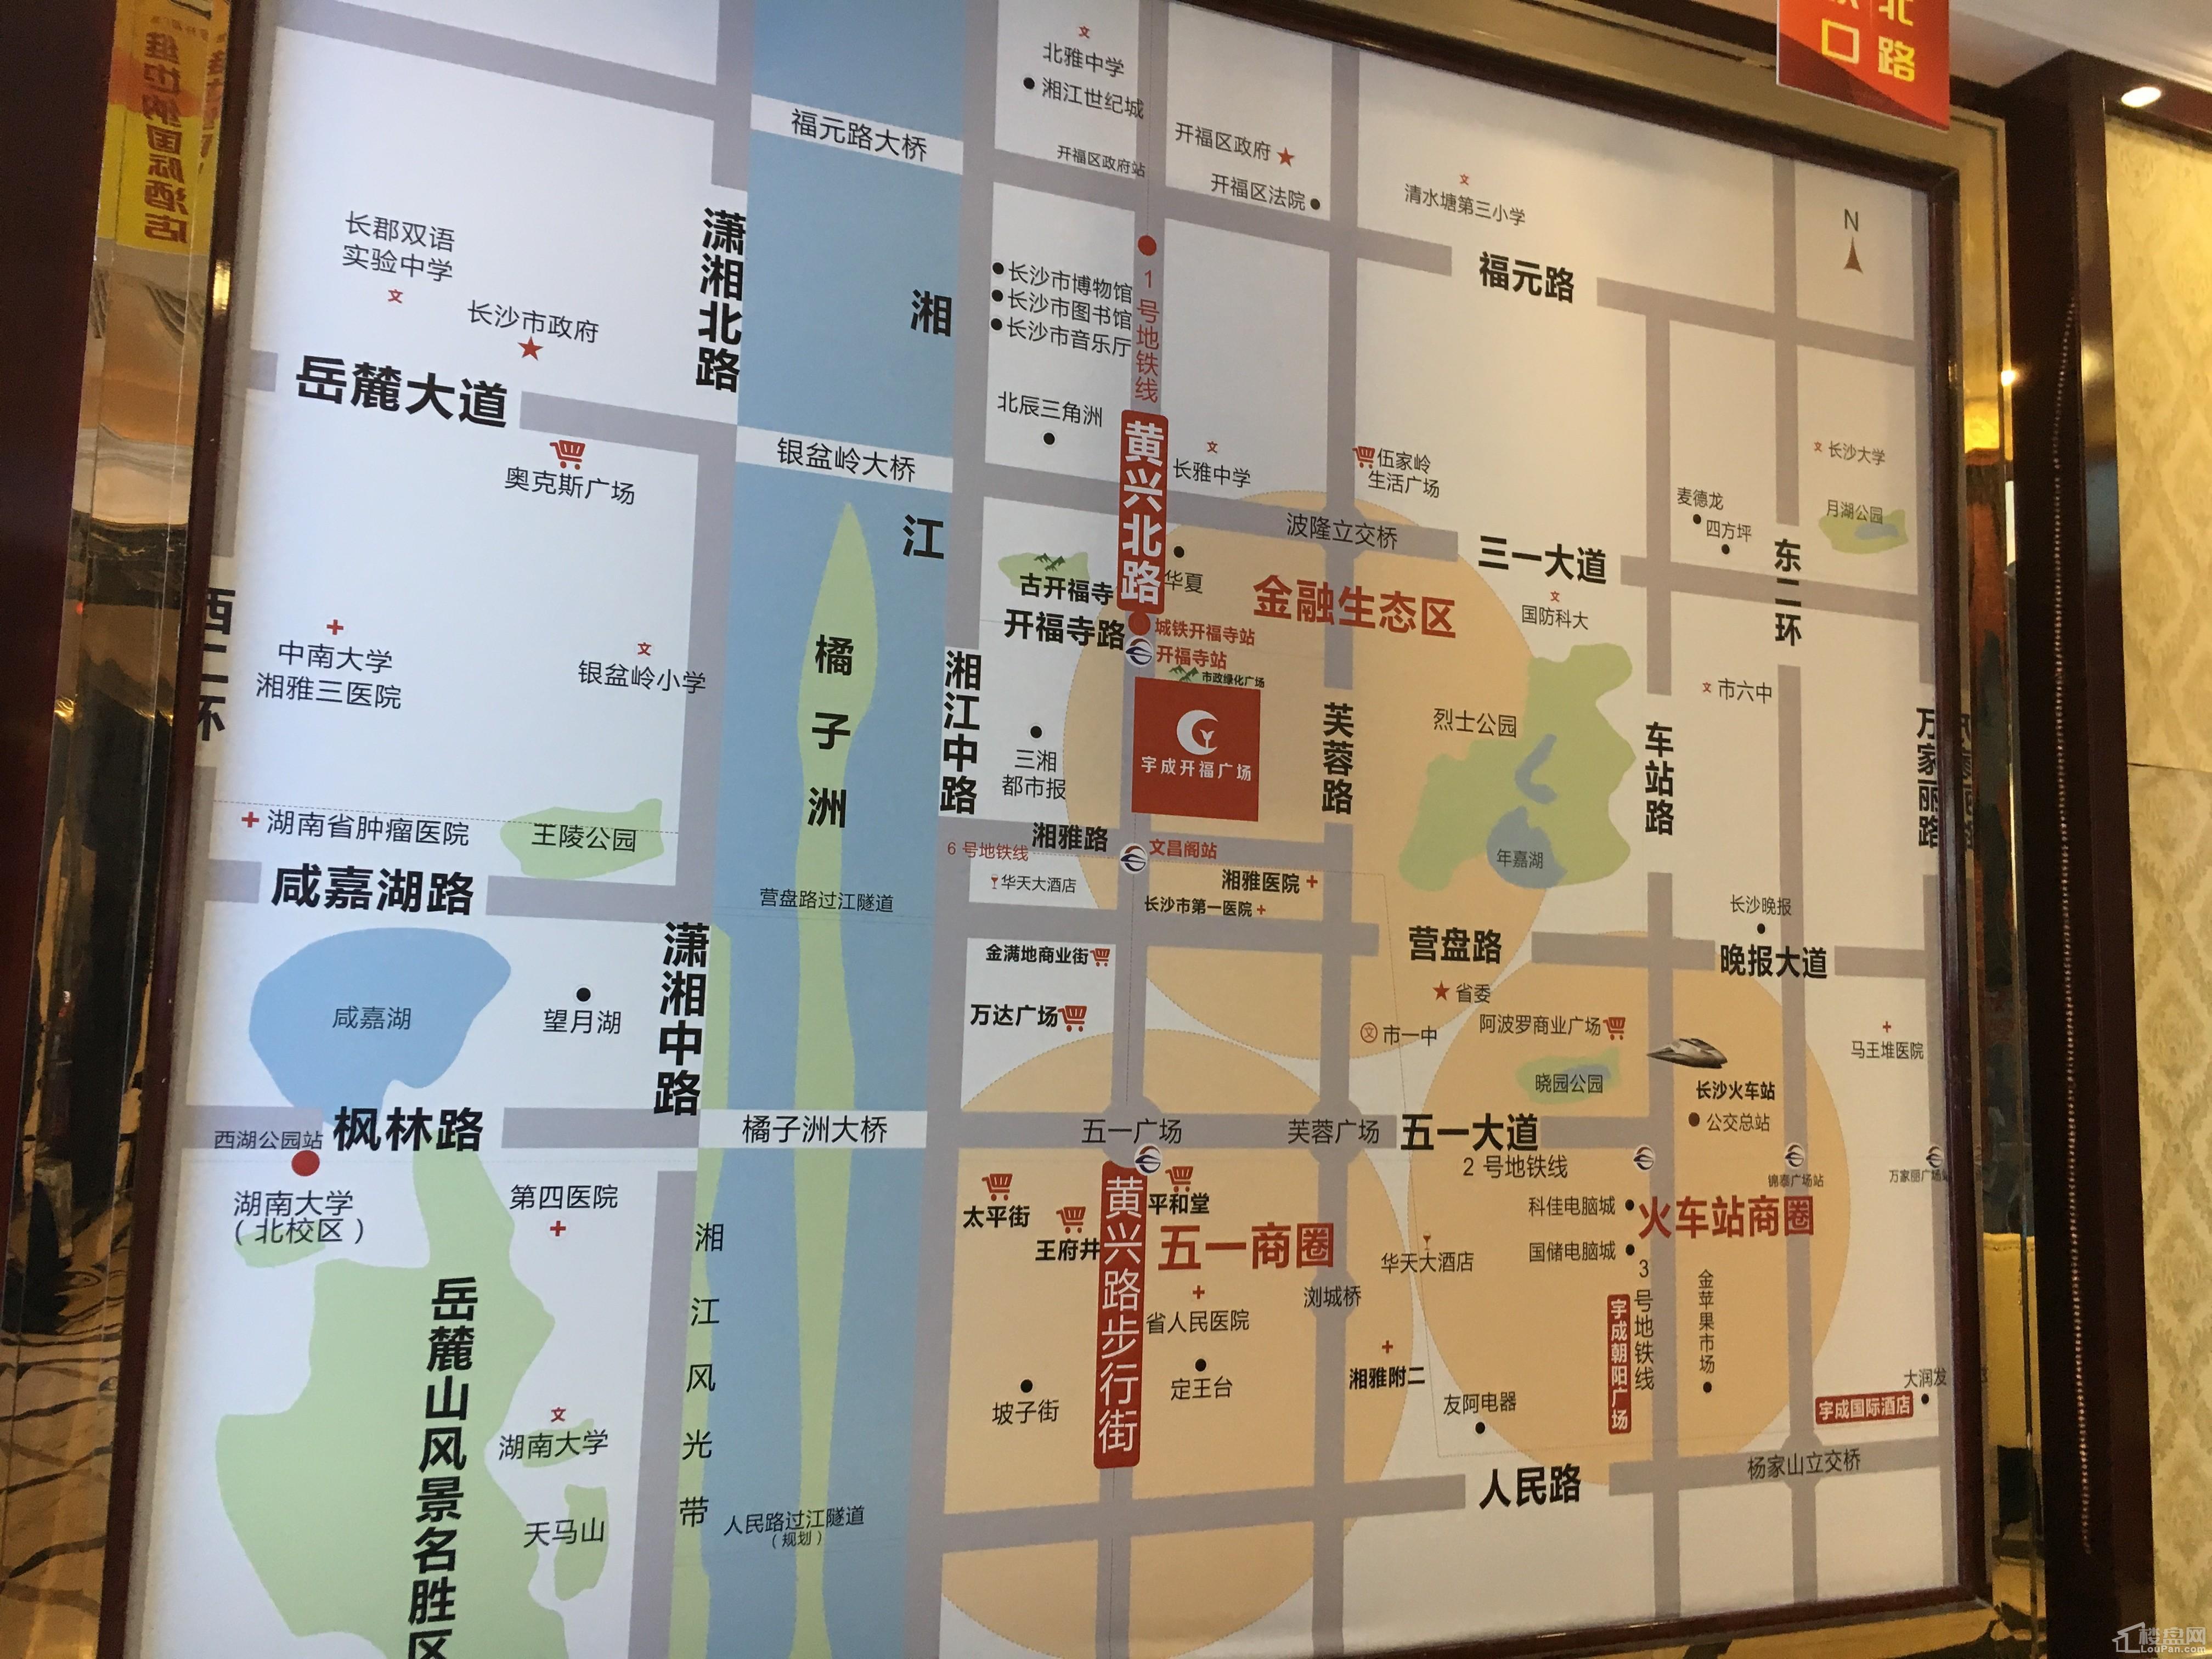 宇成开福广场配套图